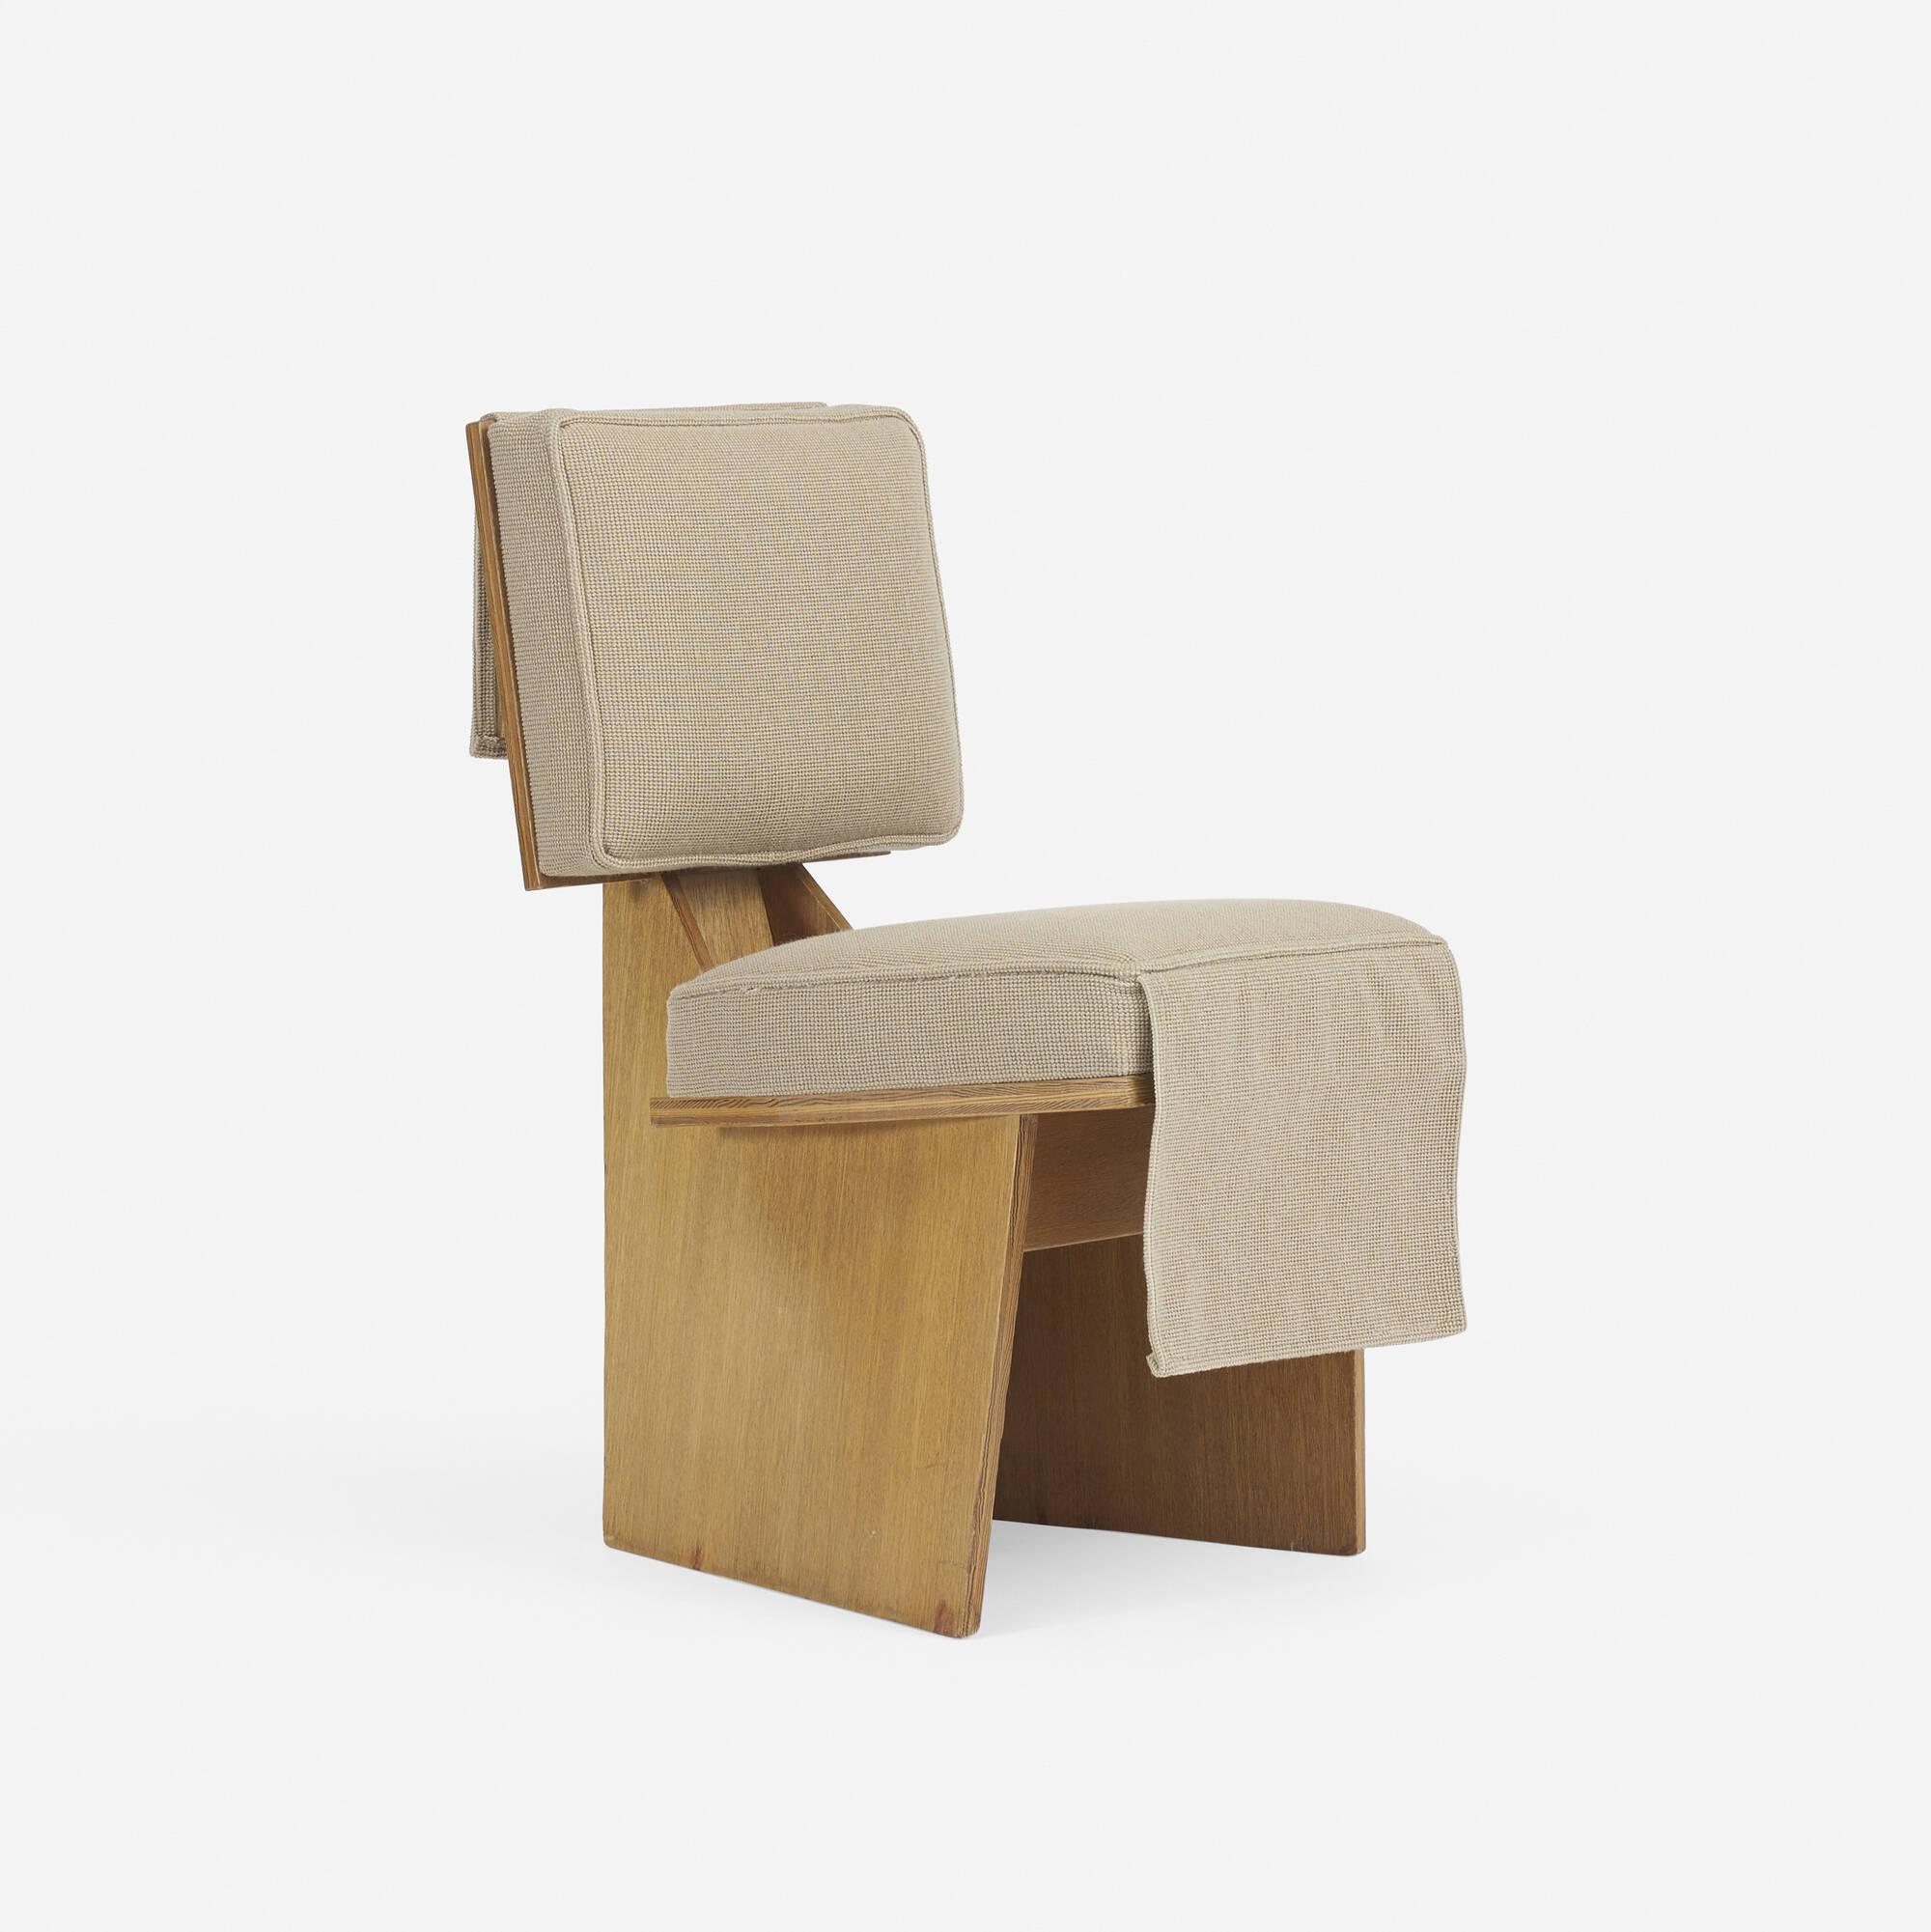 162: FRANK LLOYD WRIGHT, Usonian lounge chair